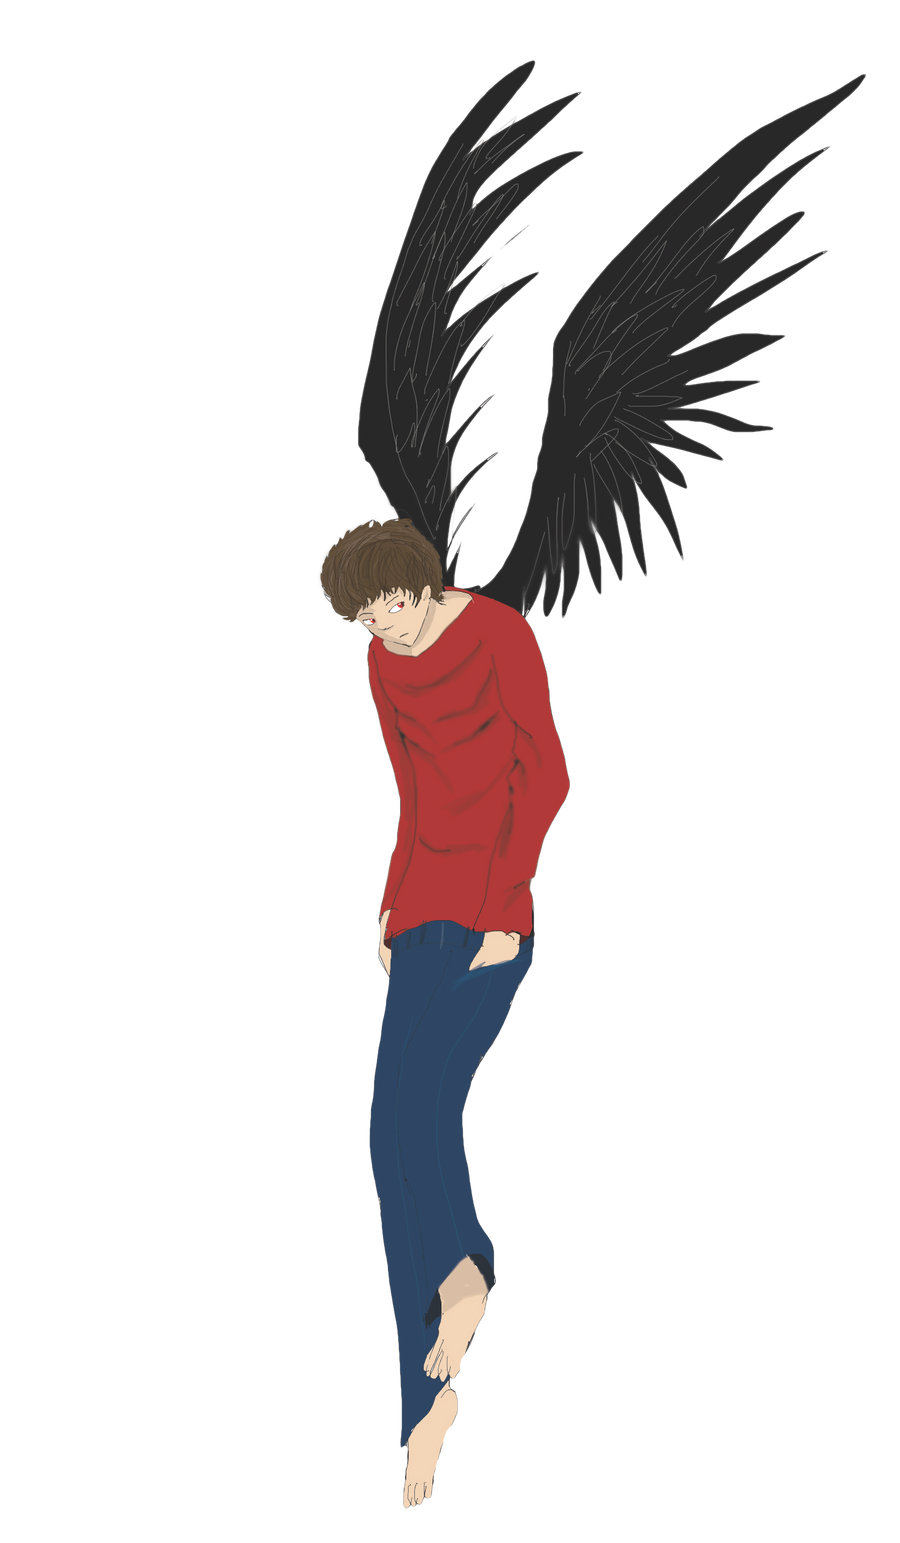 Black wing by ShadowClawZ